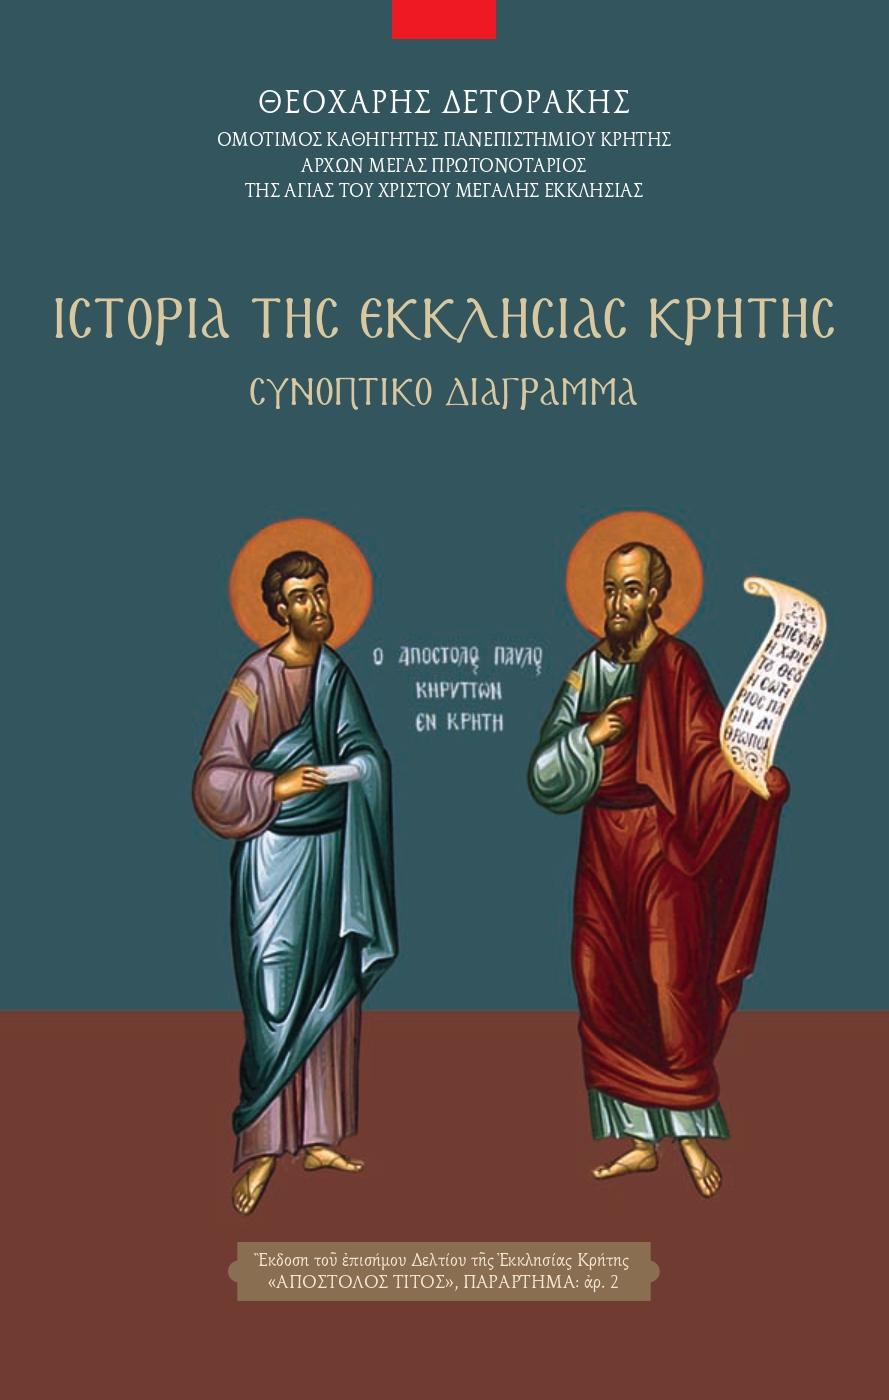 Ιστορία Εκκλησίας Κρήτης